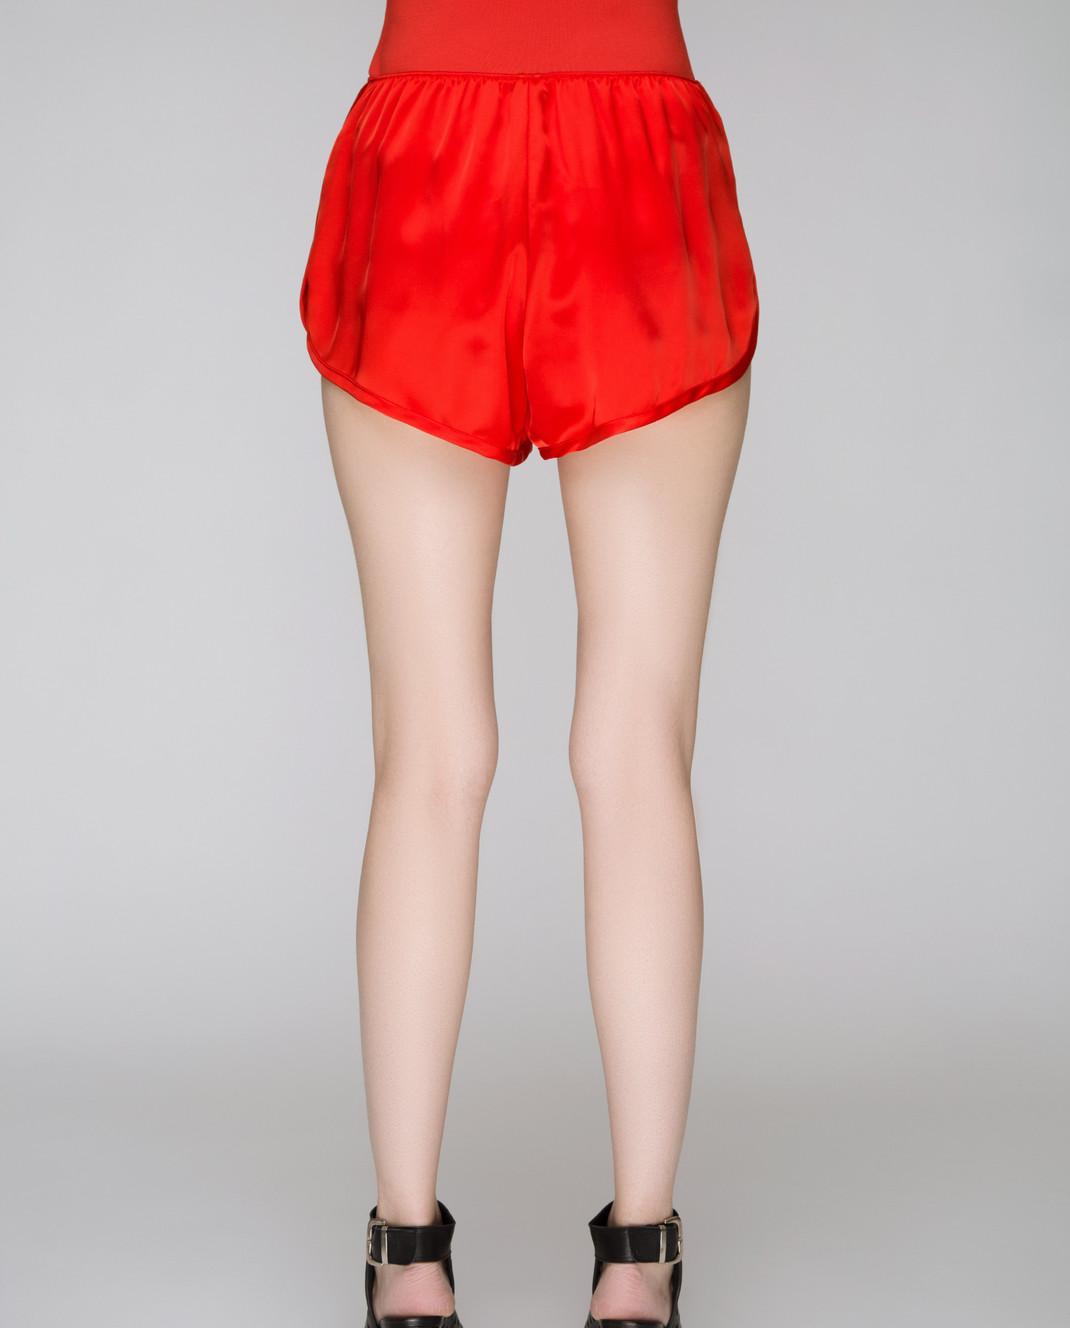 Sonia Rykiel Красные шорты 15402306 изображение 4